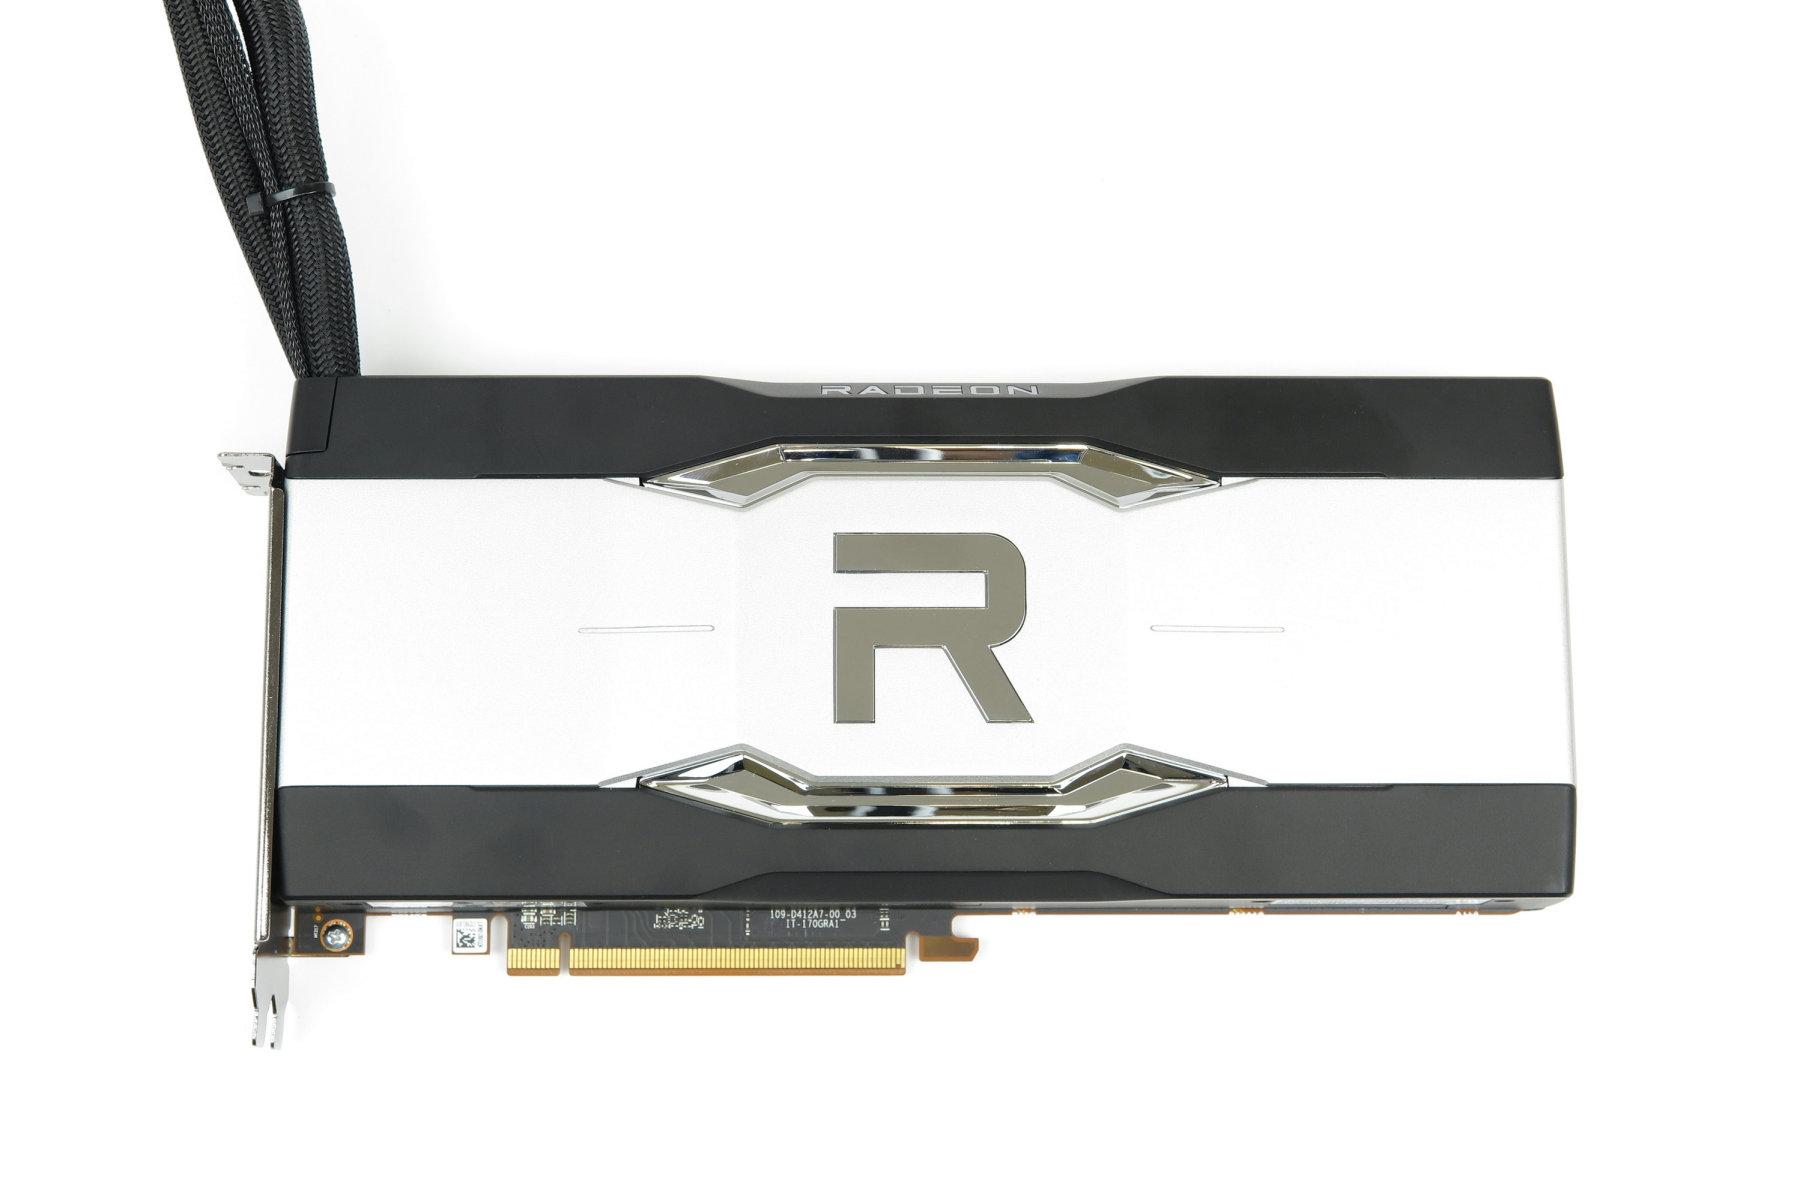 AMD Radeon RX 6900 XT LC Appears In Online Review, Navi 21 GPU Onboard